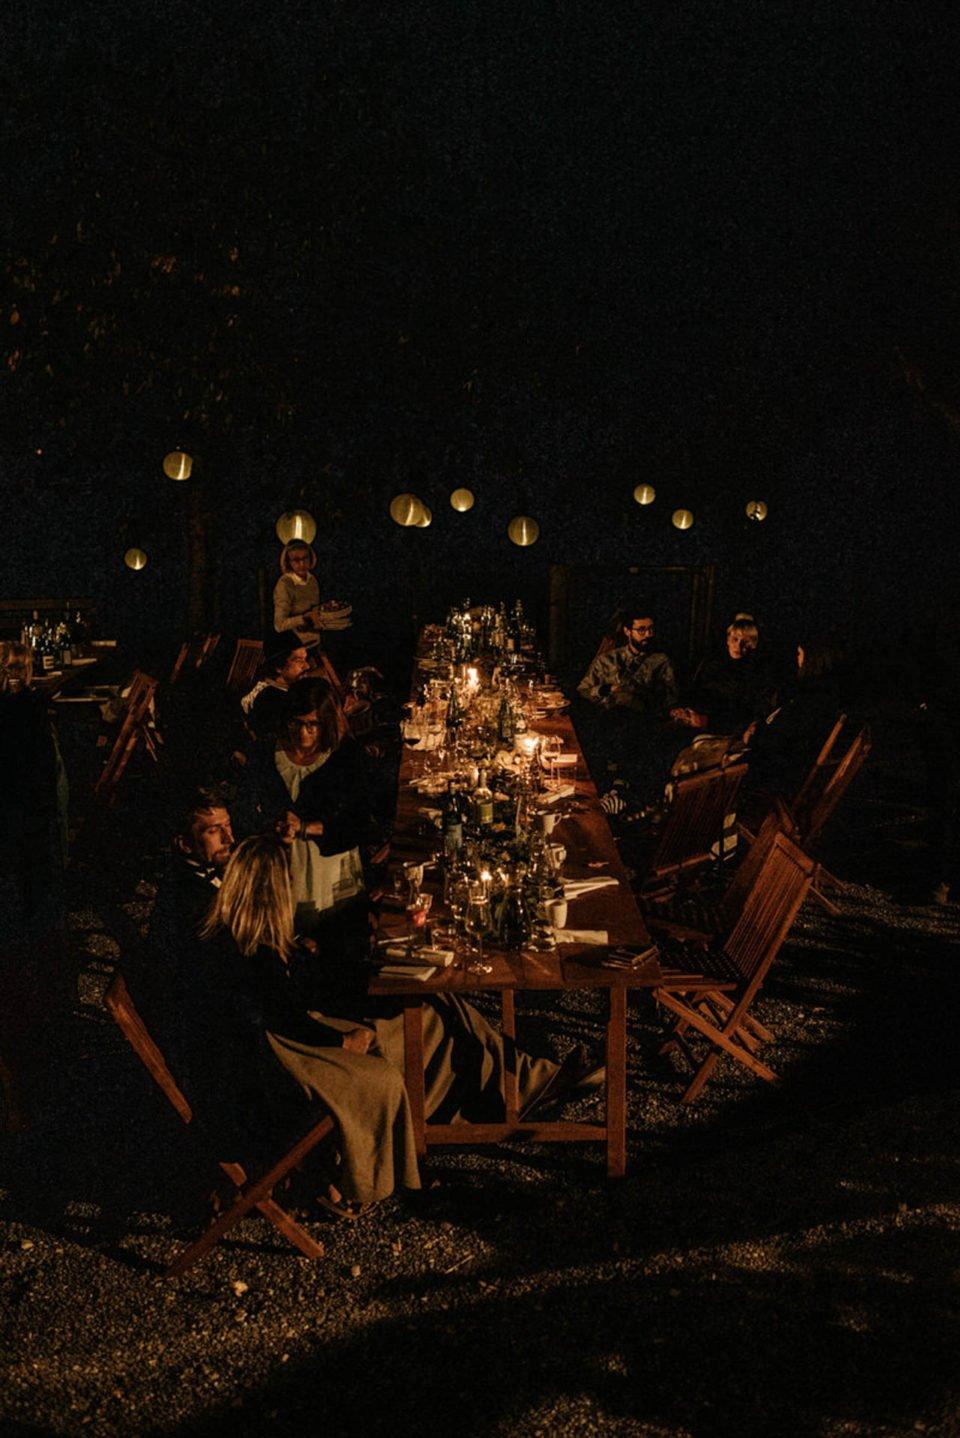 September Hochzeit mit Hochzeitsgesellschaft im Freien im Dunklen